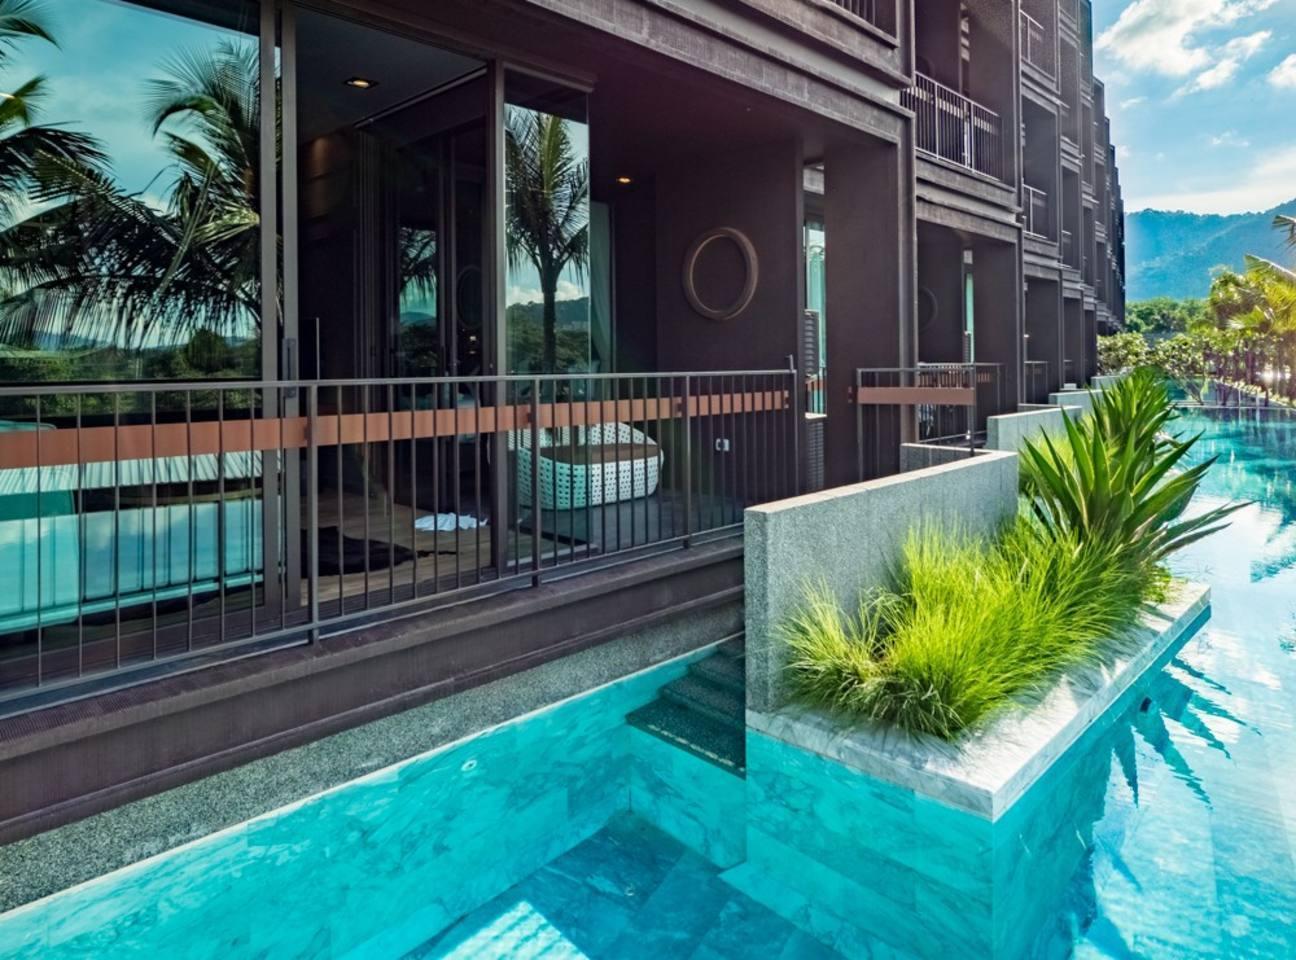 Modern 1 BDR Pool Access @ Rawai-Naiharn Modern 1 BDR Pool Access @ Rawai-Naiharn